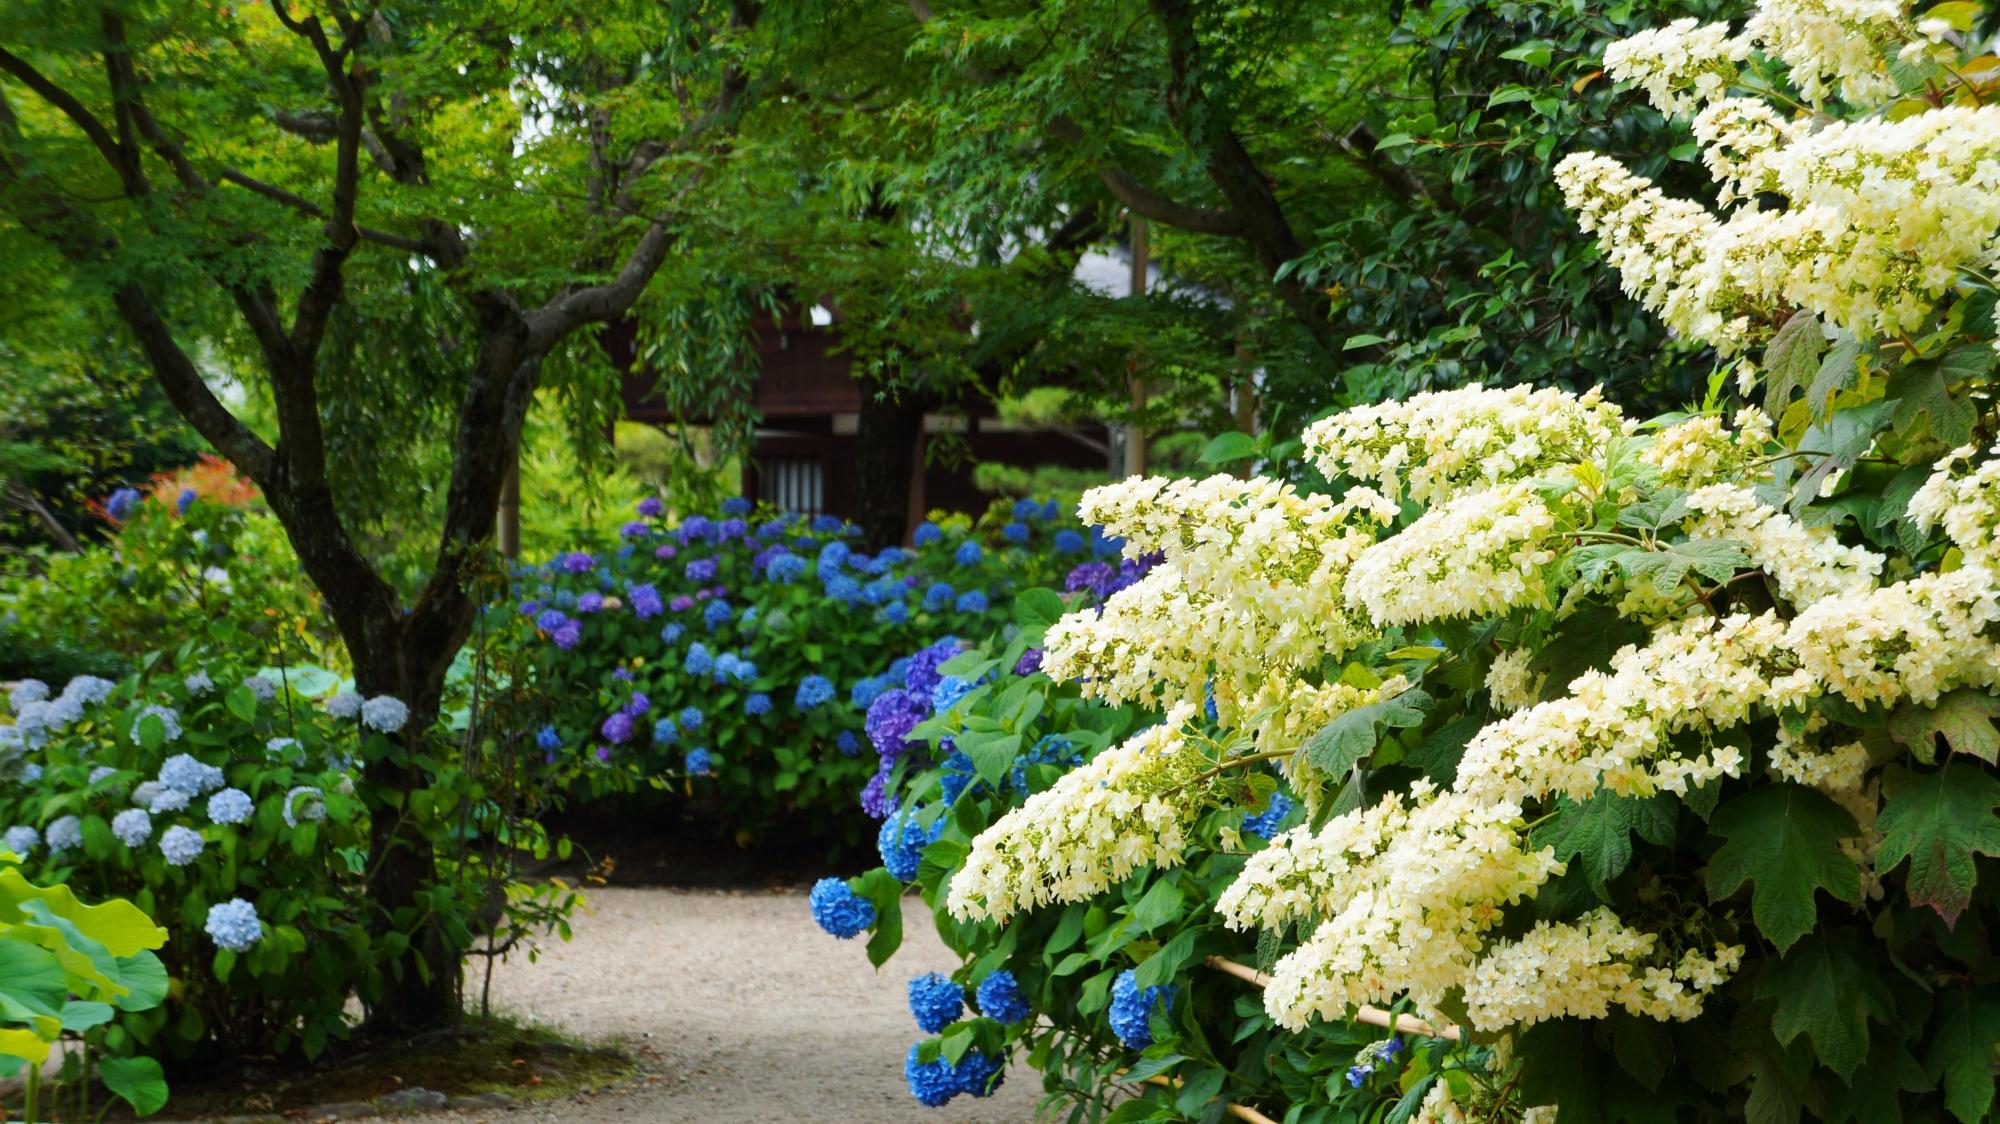 法金剛院の素晴らしい紫陽花や初夏の情景